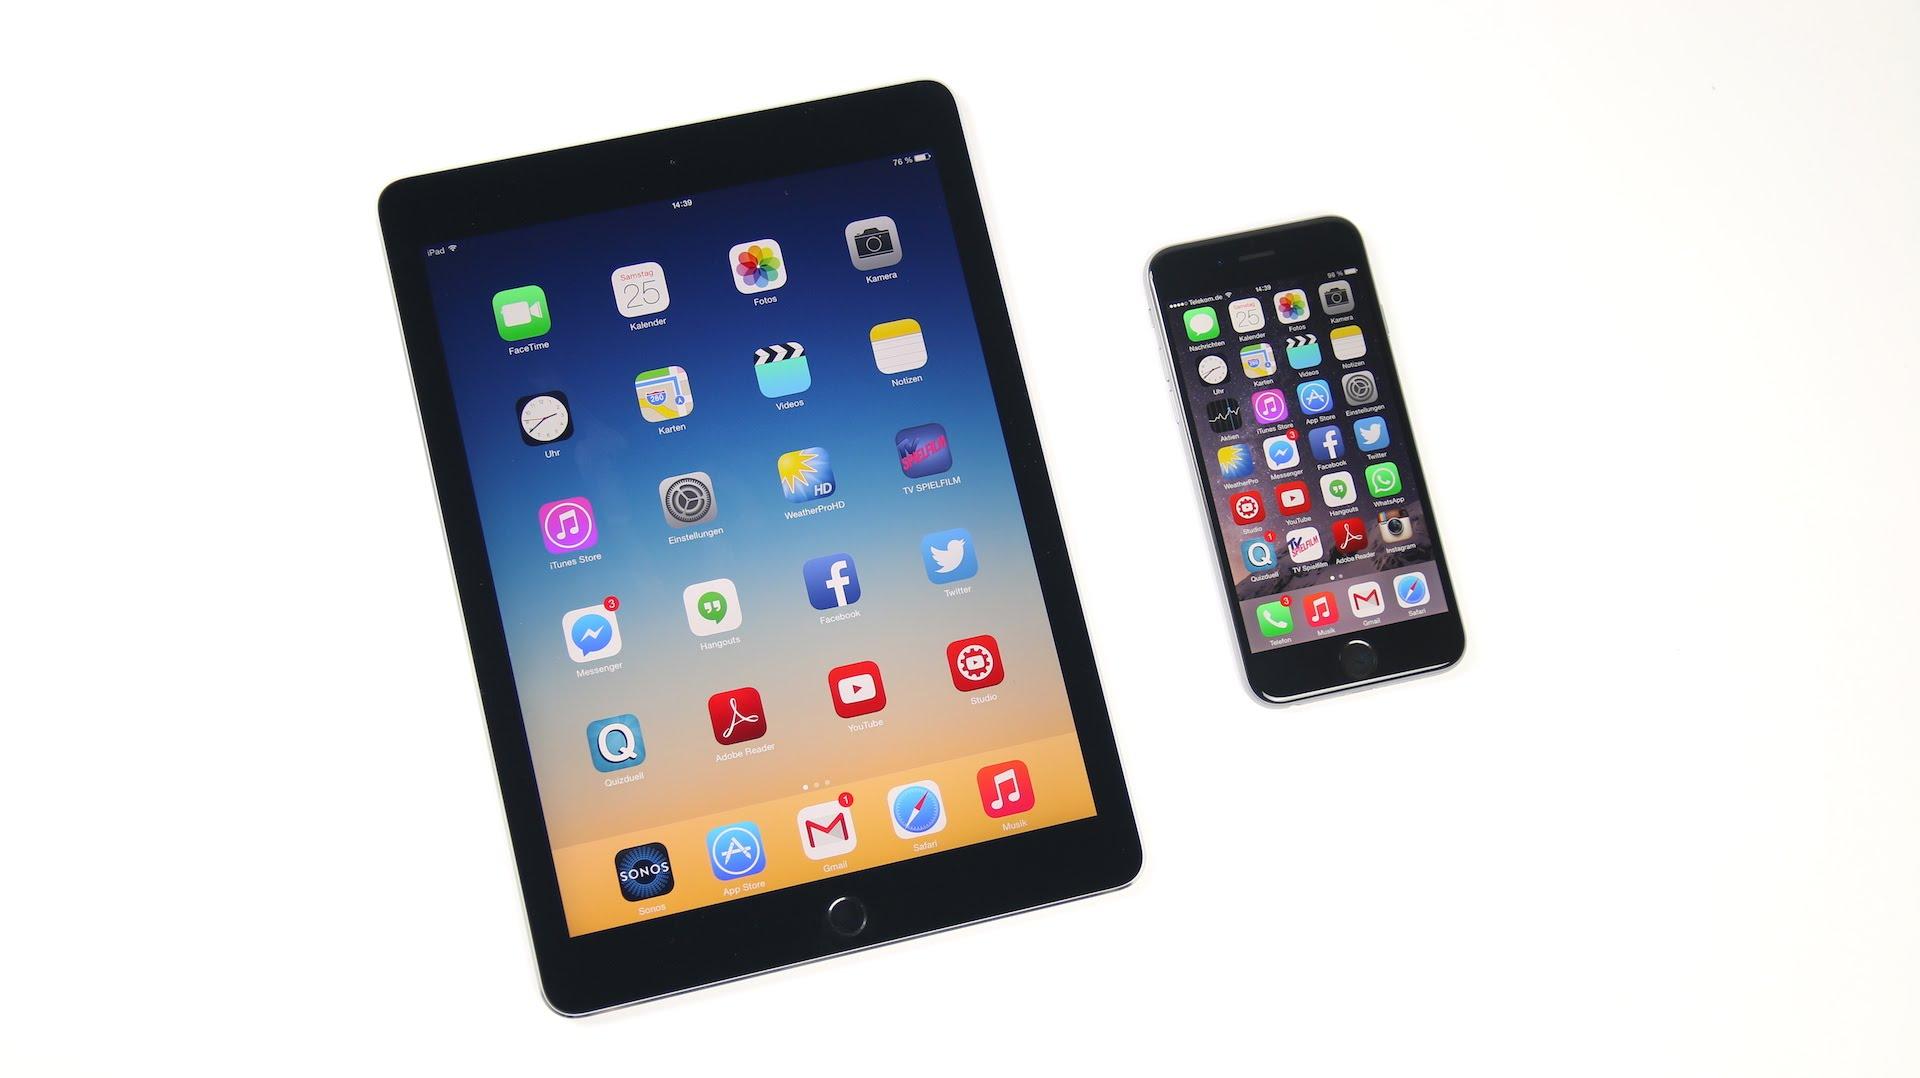 В 2014 году нас ждут большие iPhone 6 и iPad